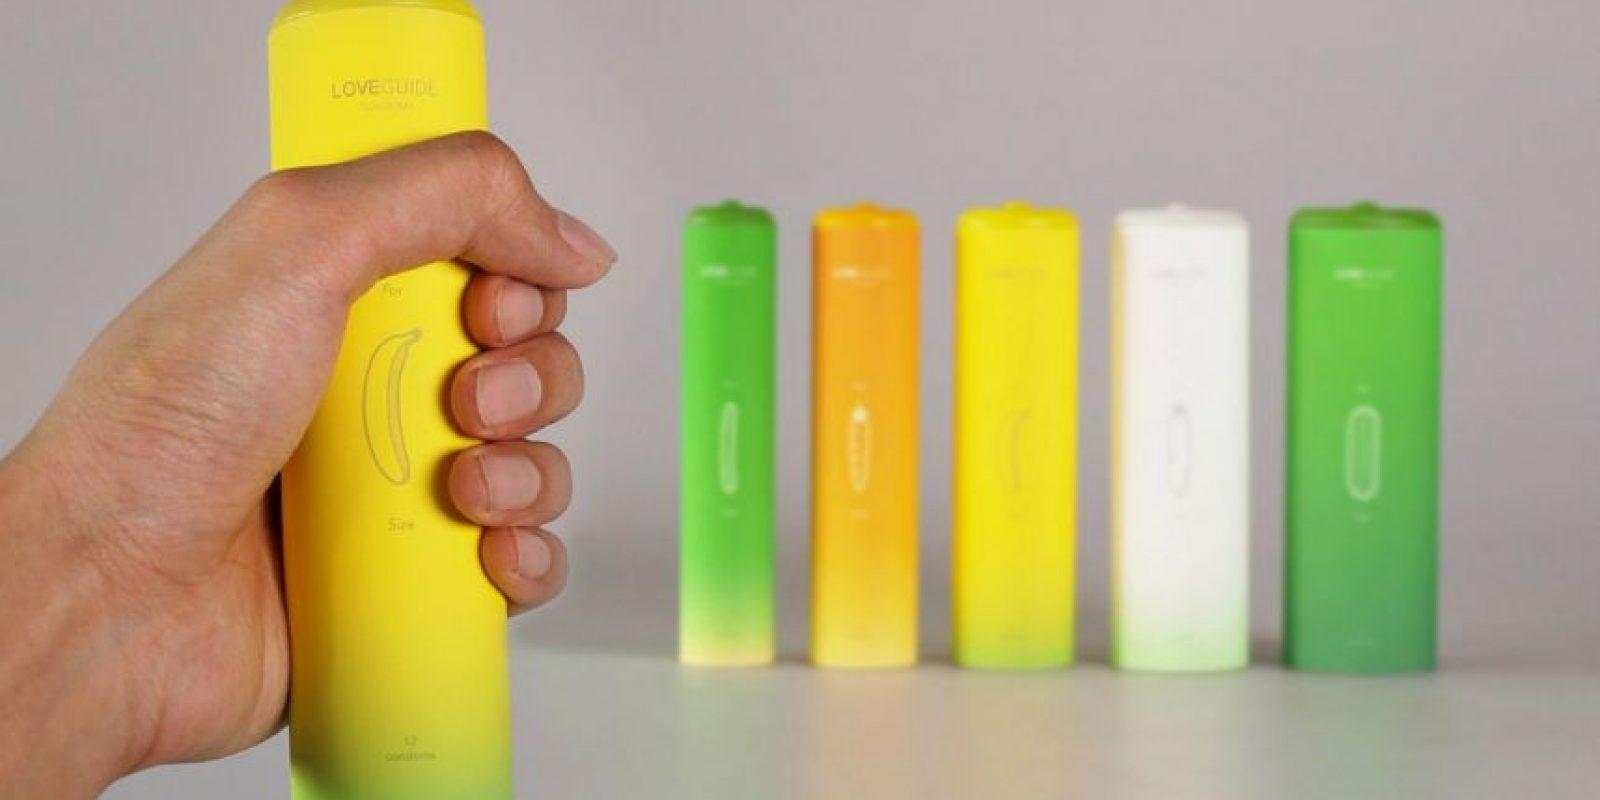 El tamaño incorrecto aumenta la probabilidad de deslizamiento y ruptura. Foto:Vía behance